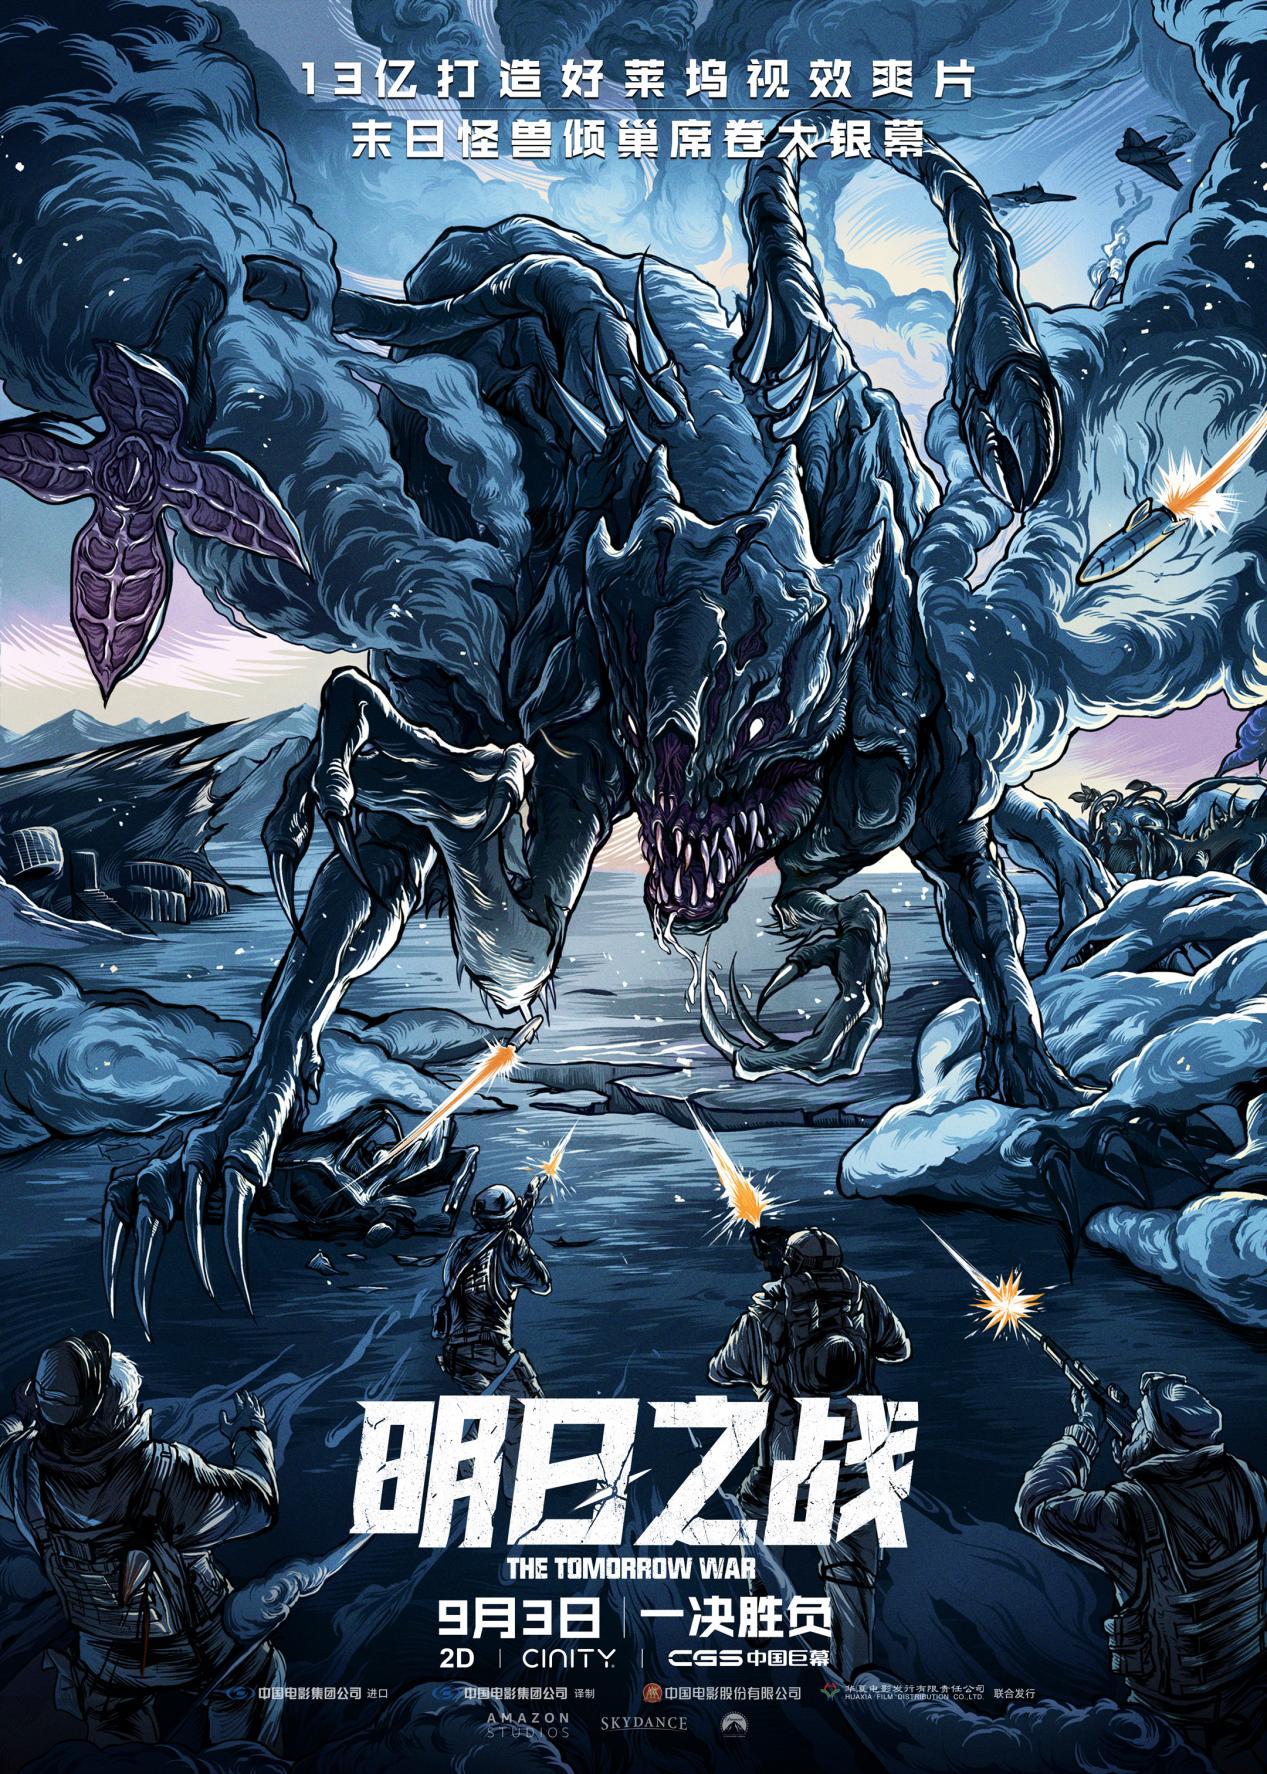 明日之战-电影百度云网盘完整下载